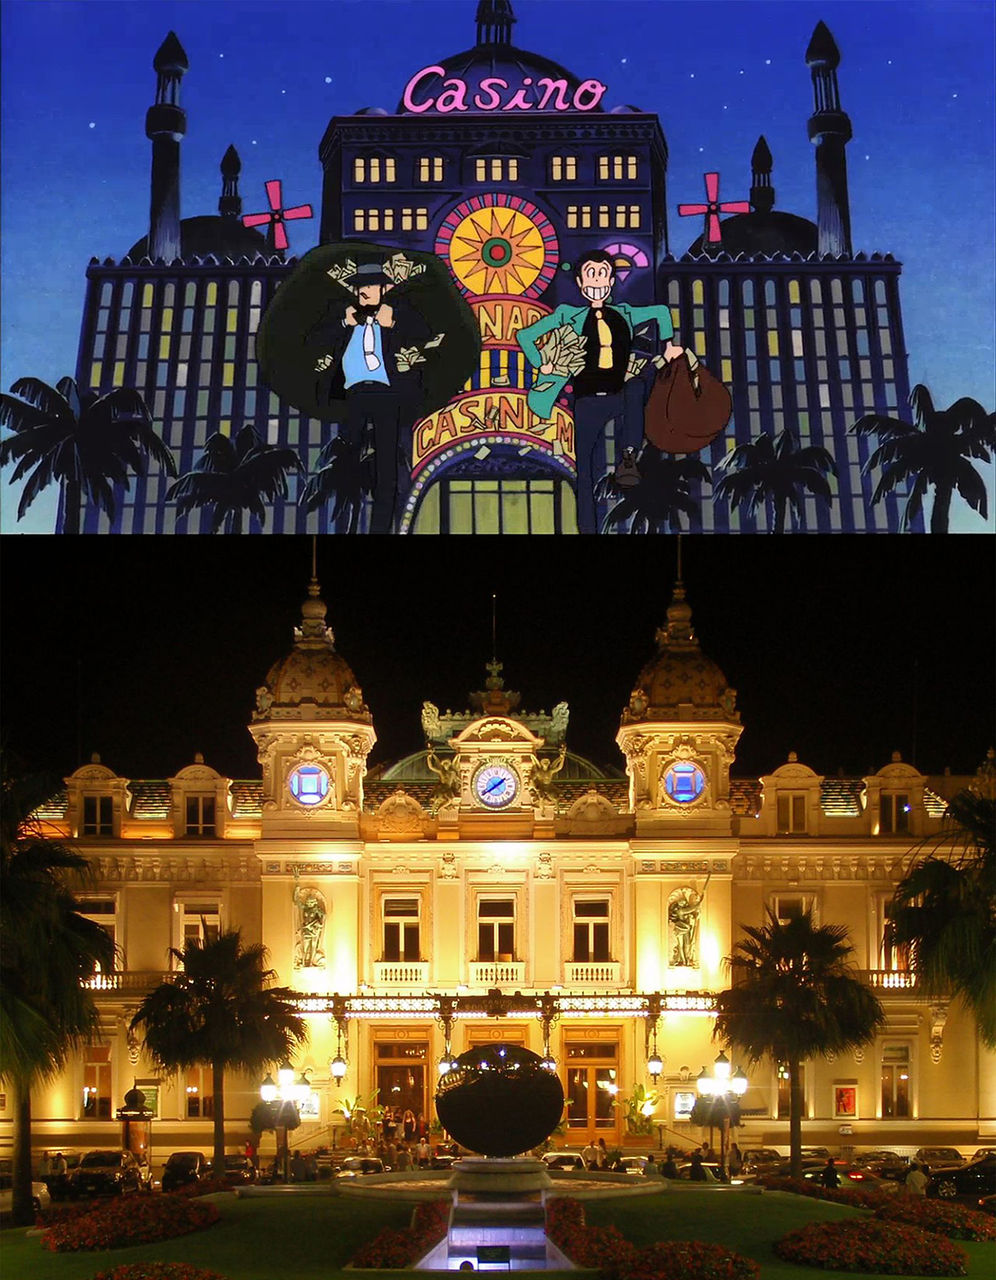 000a_casino